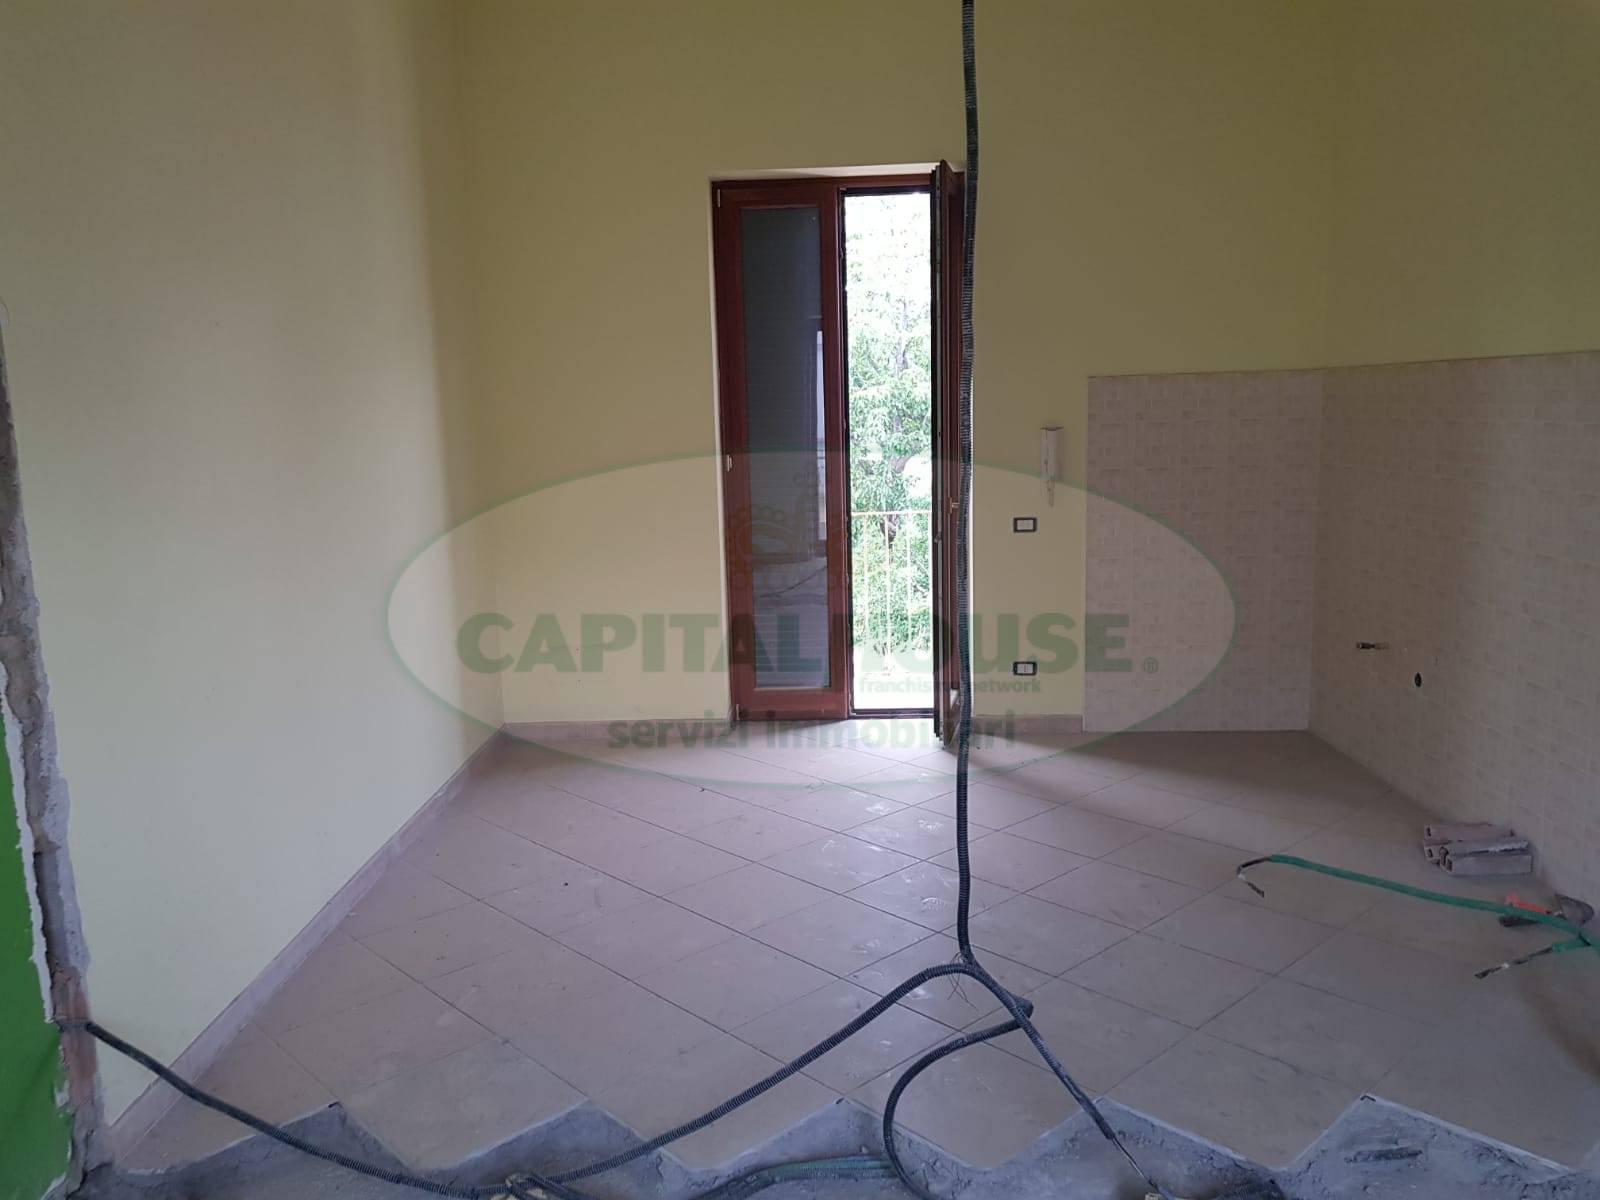 Appartamento in vendita a Cicciano, 3 locali, prezzo € 110.000 | CambioCasa.it